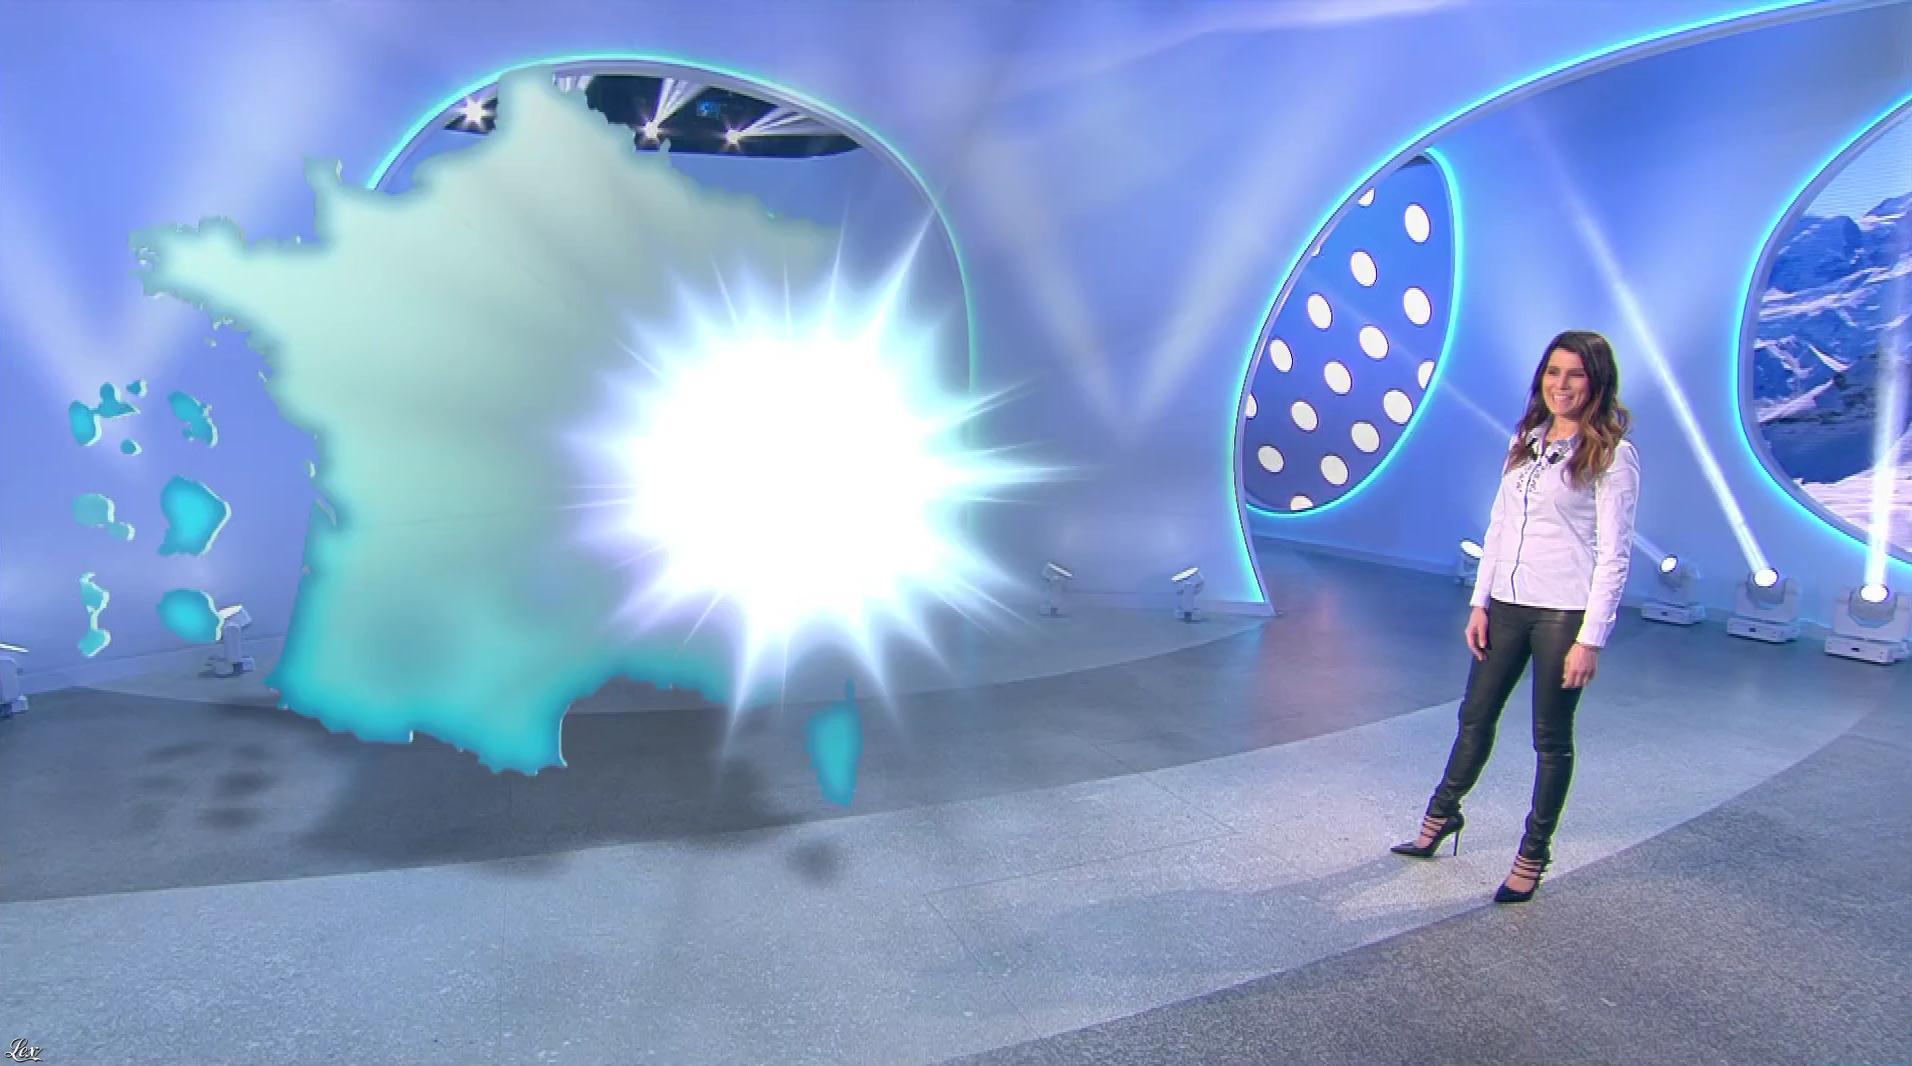 Karine Ferri lors du Tirage du Loto. Diffusé à la télévision le 22/02/17.